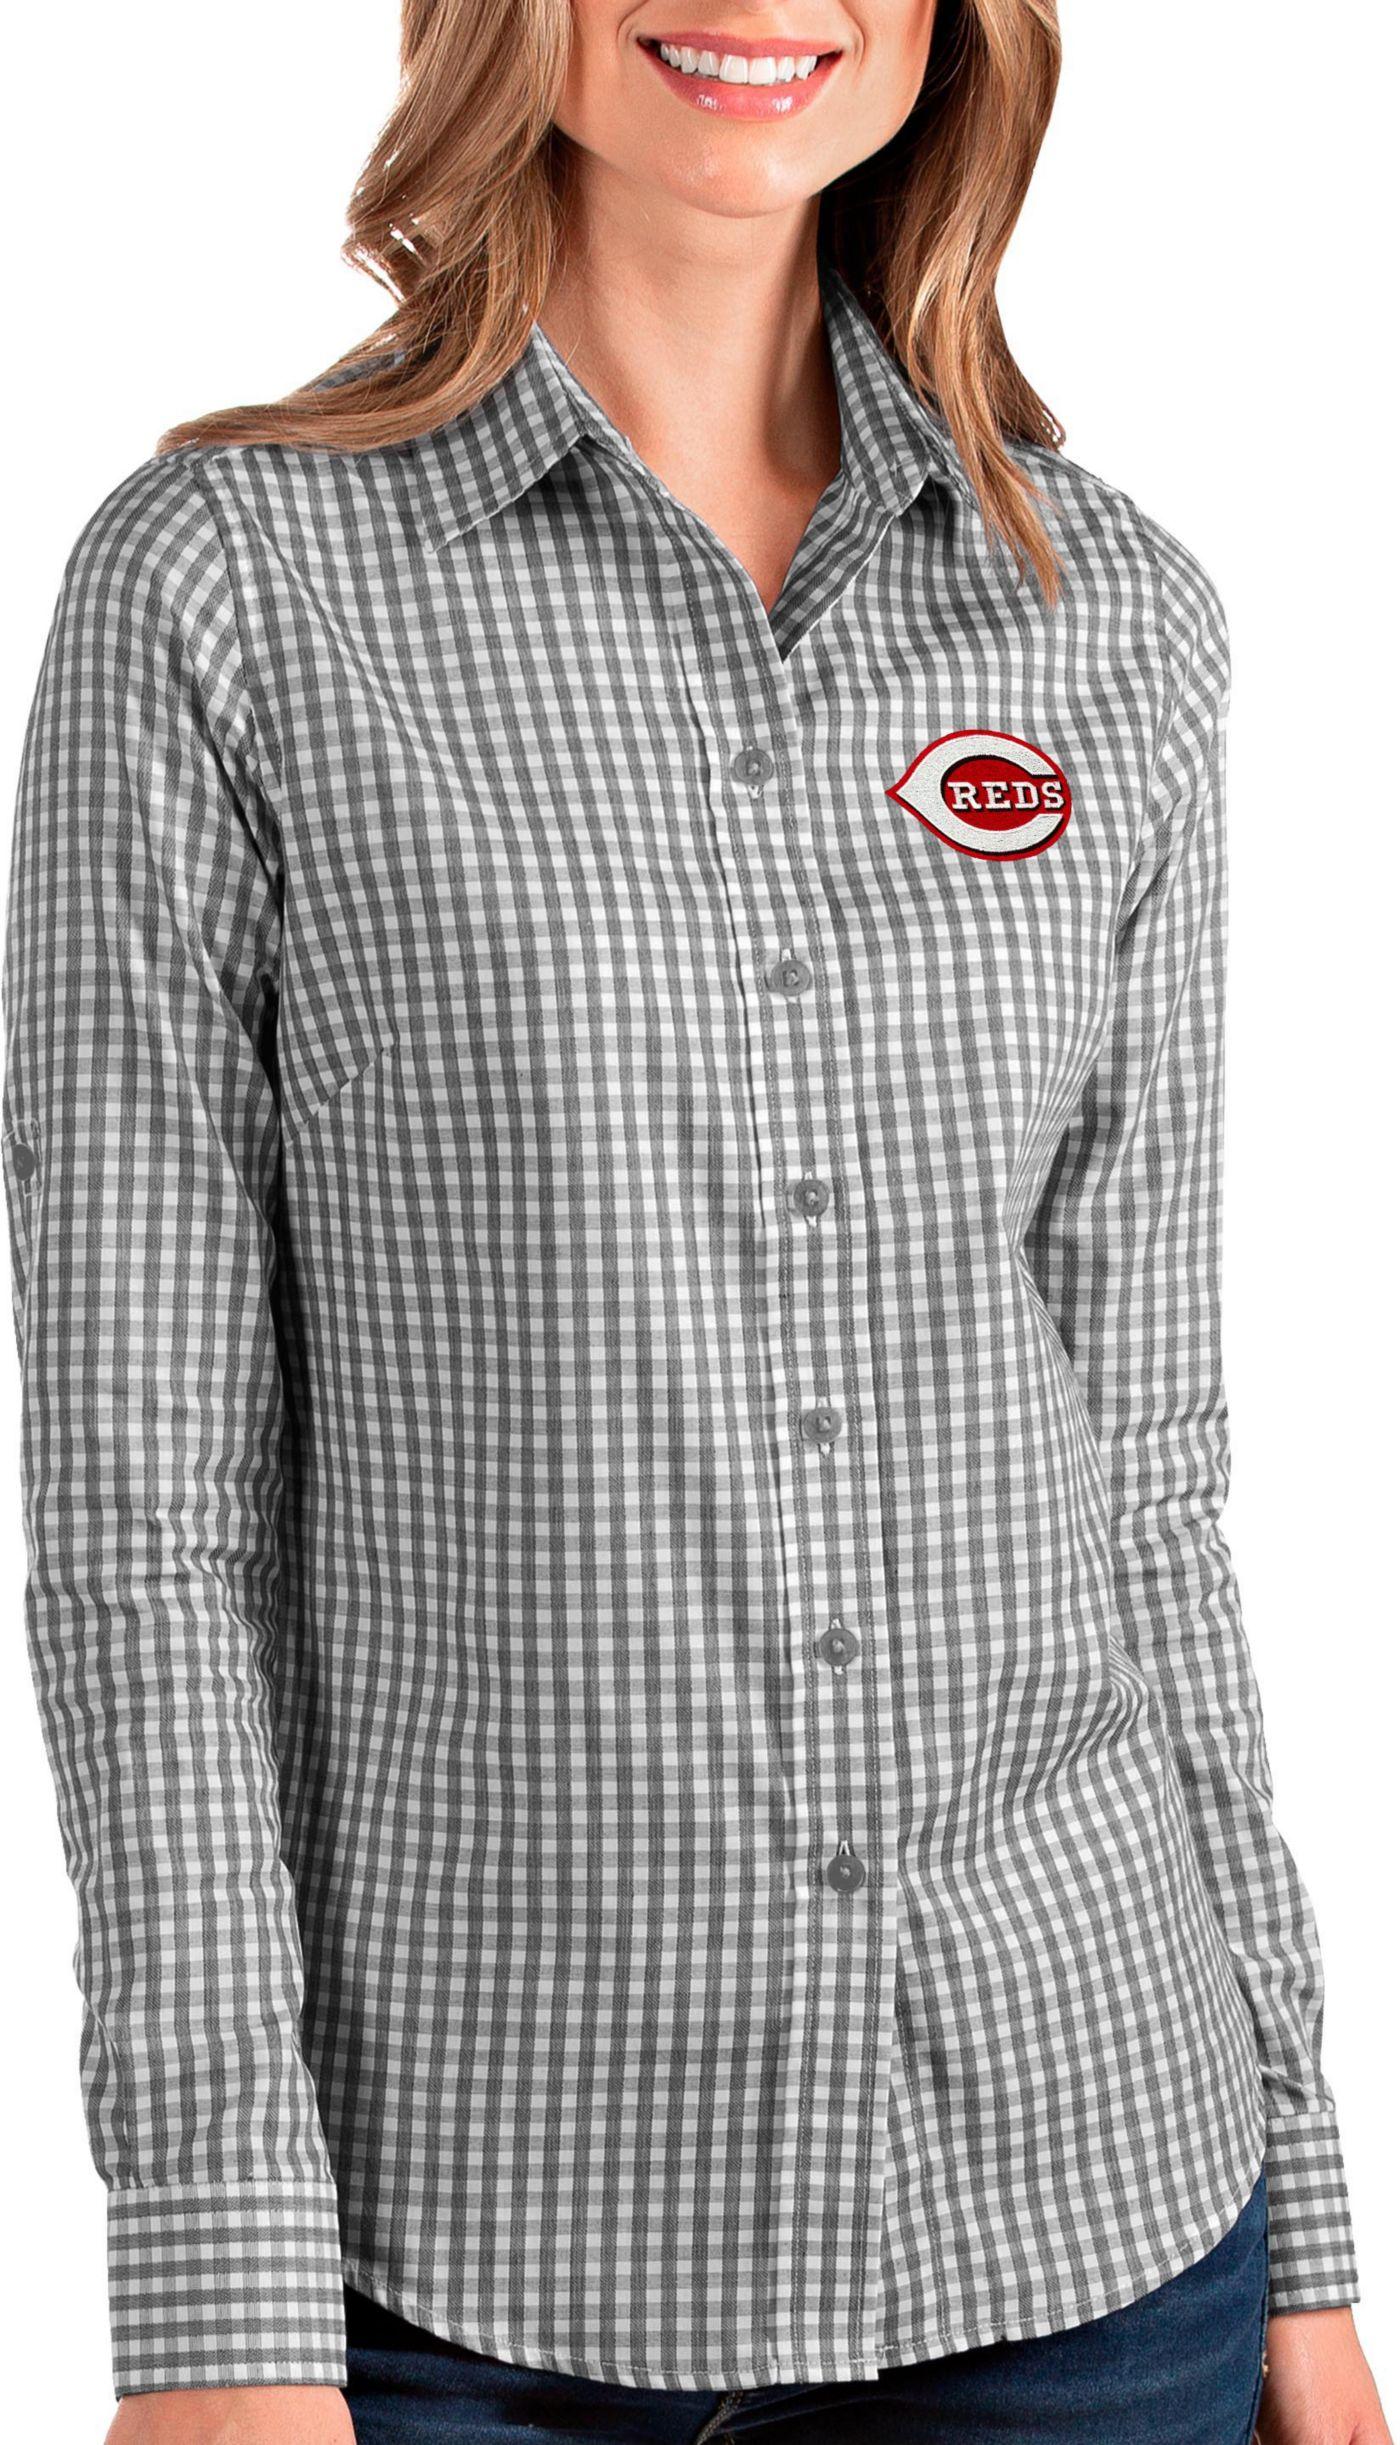 Antigua Women's Cincinnati Reds Structure Button-Up Black Long Sleeve Shirt